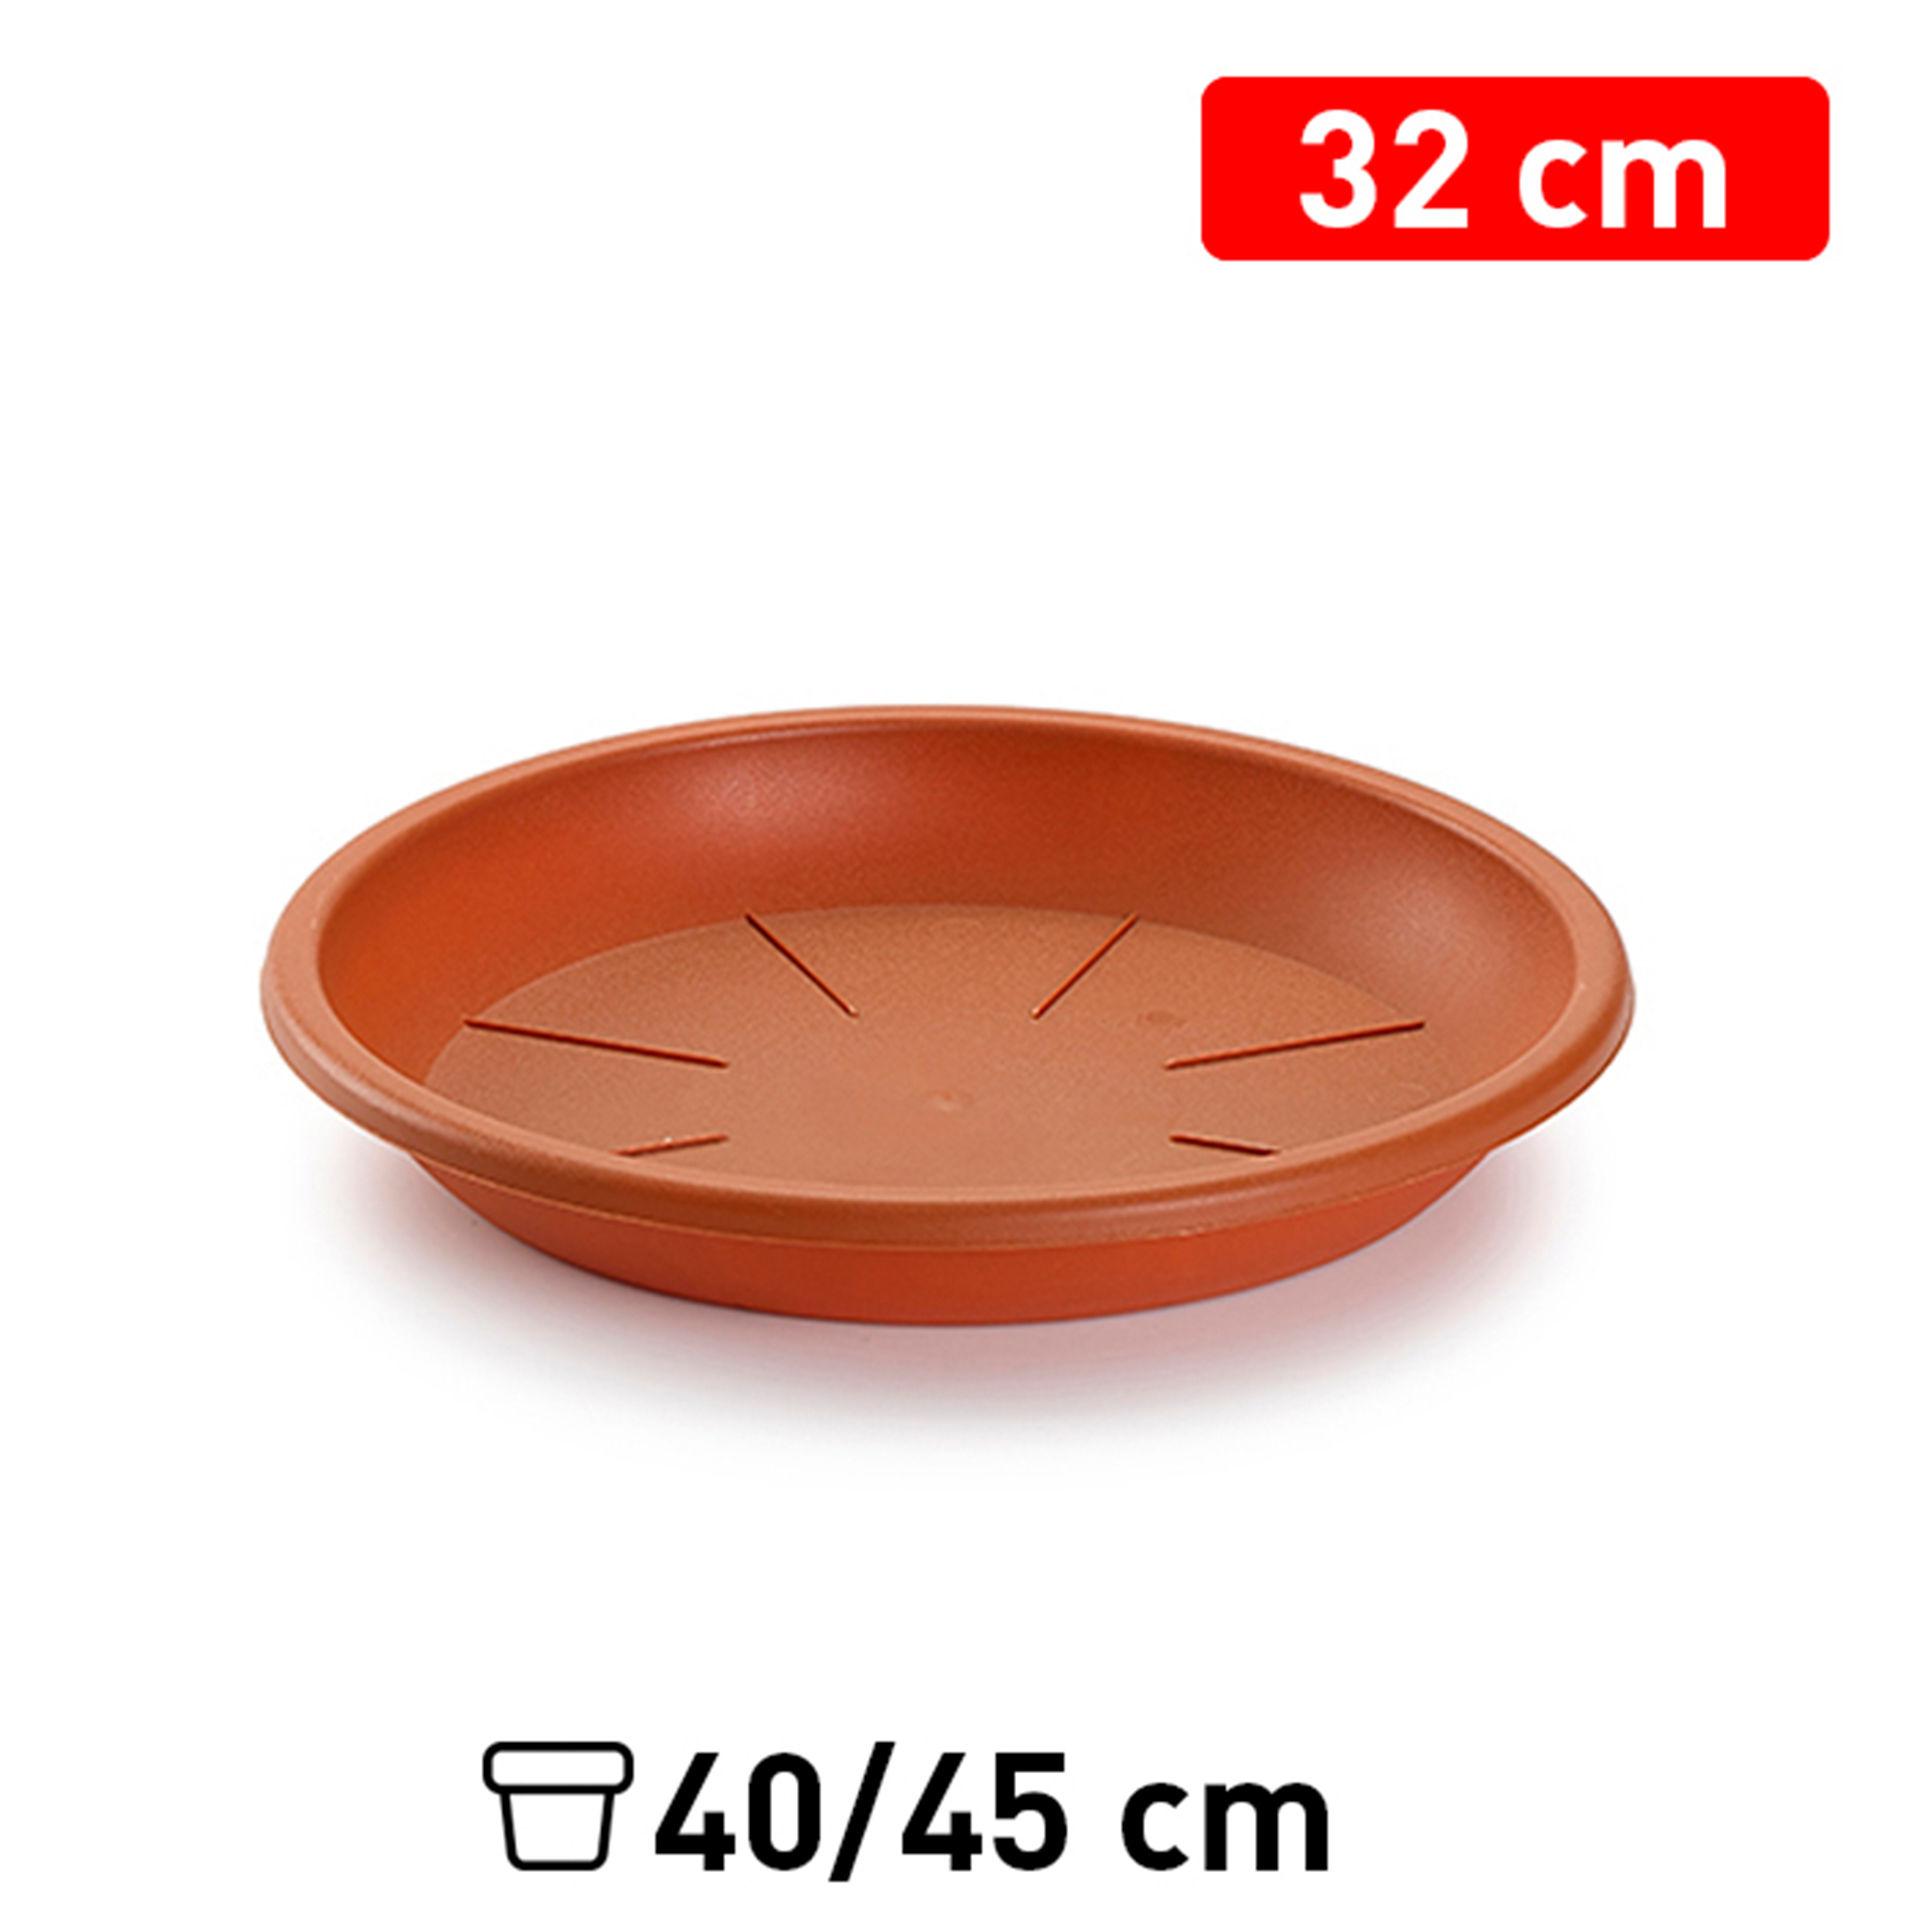 SOTTOVASO 32 CMPlastic Forte